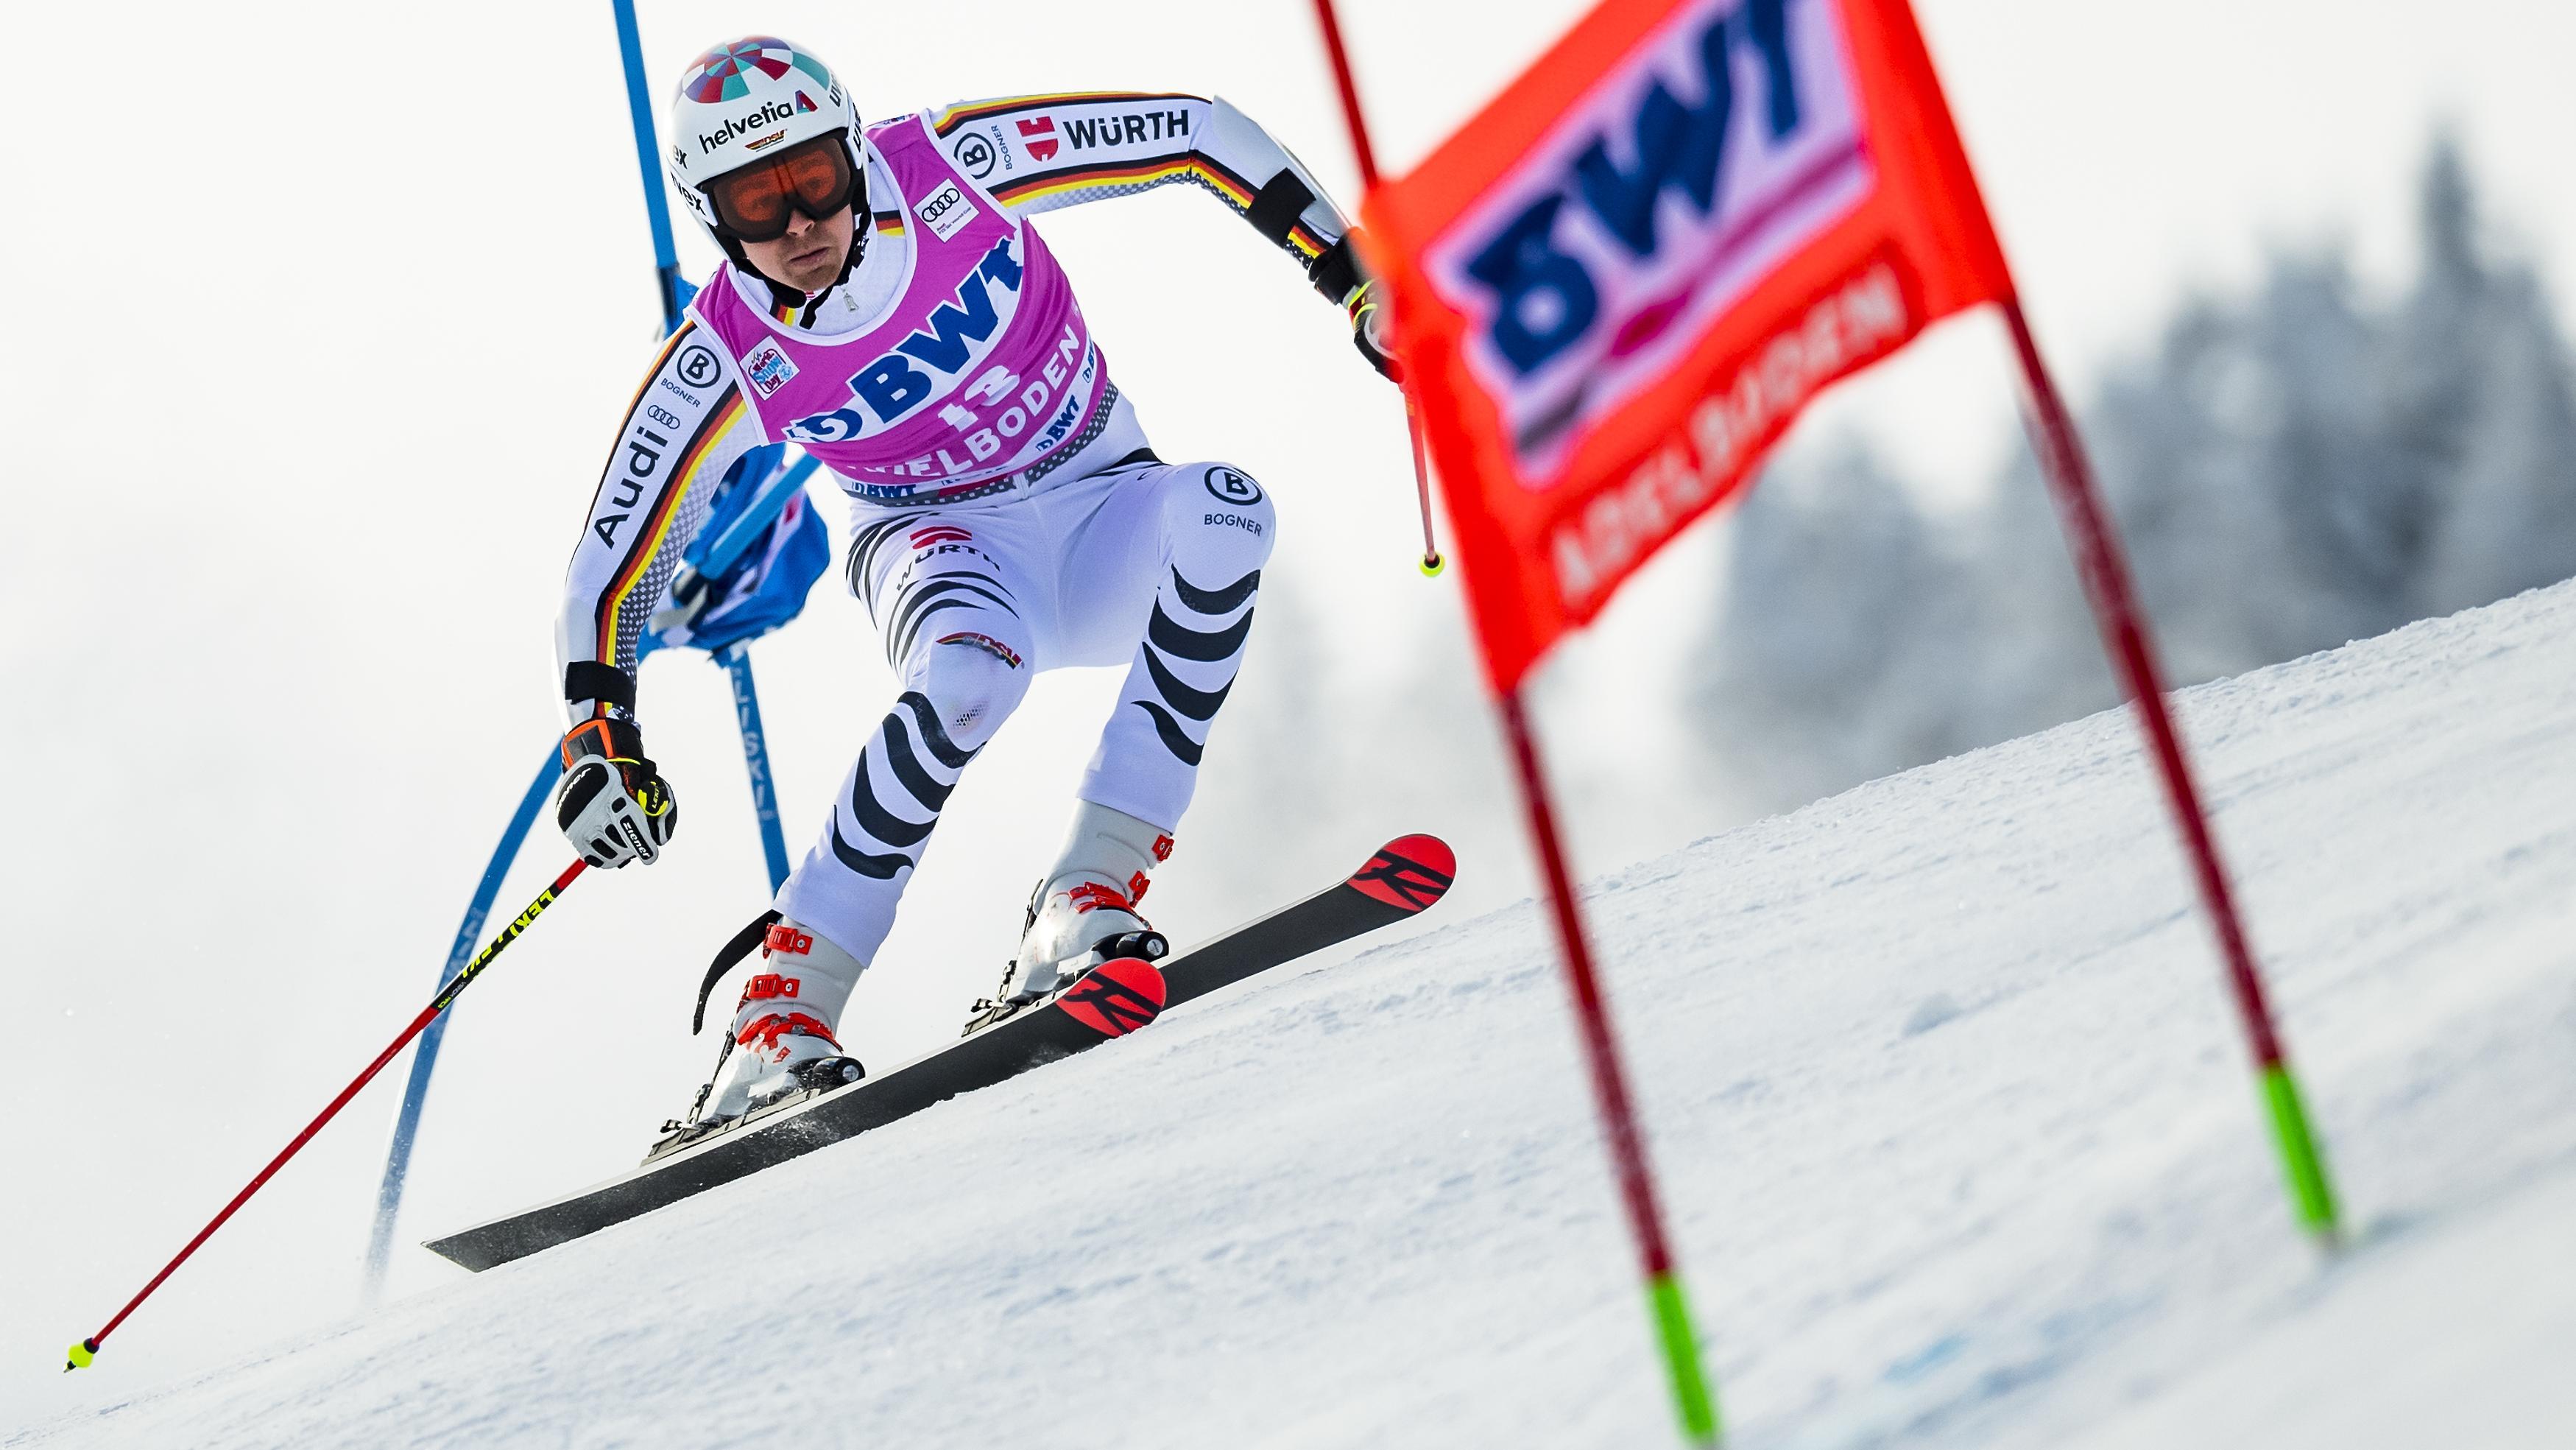 Skirennfahrer Stefan Luitz beim Riesenslalom in Alta Badia